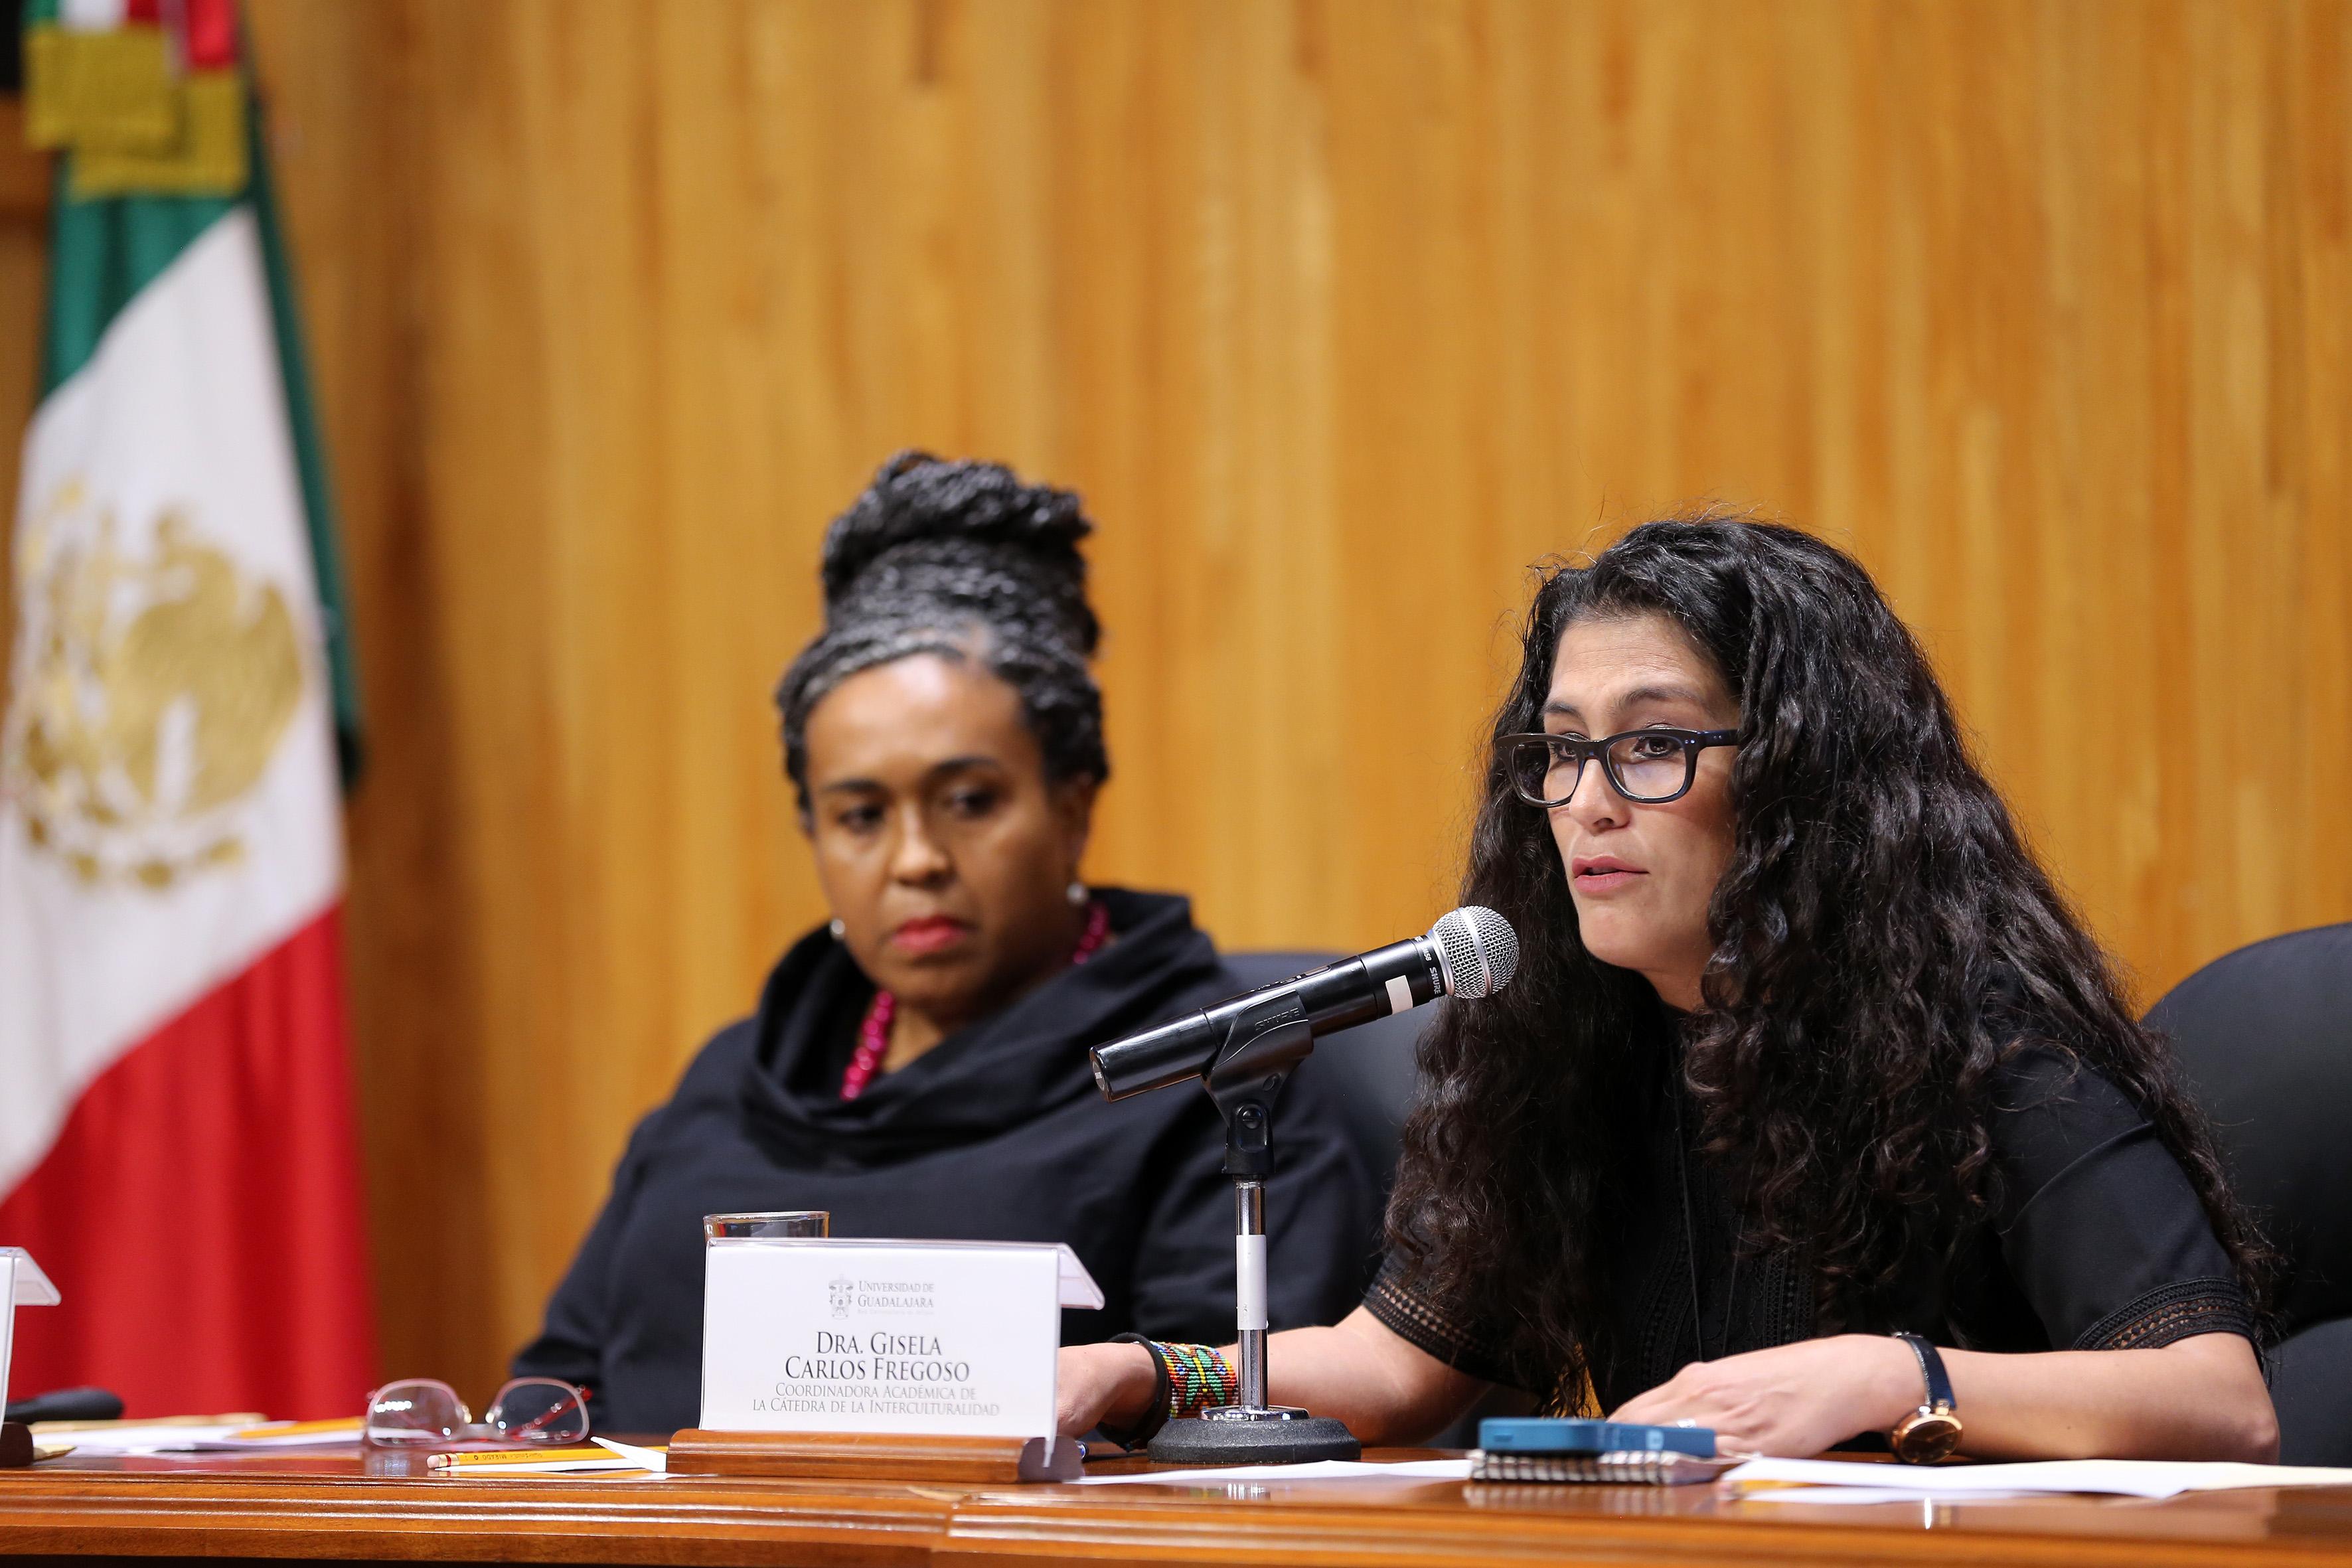 Doctora Gisela Carlos Fregoso, coordinadora académica de la Cátedra de la Interculturalidad, haciendo uso de la palabra.